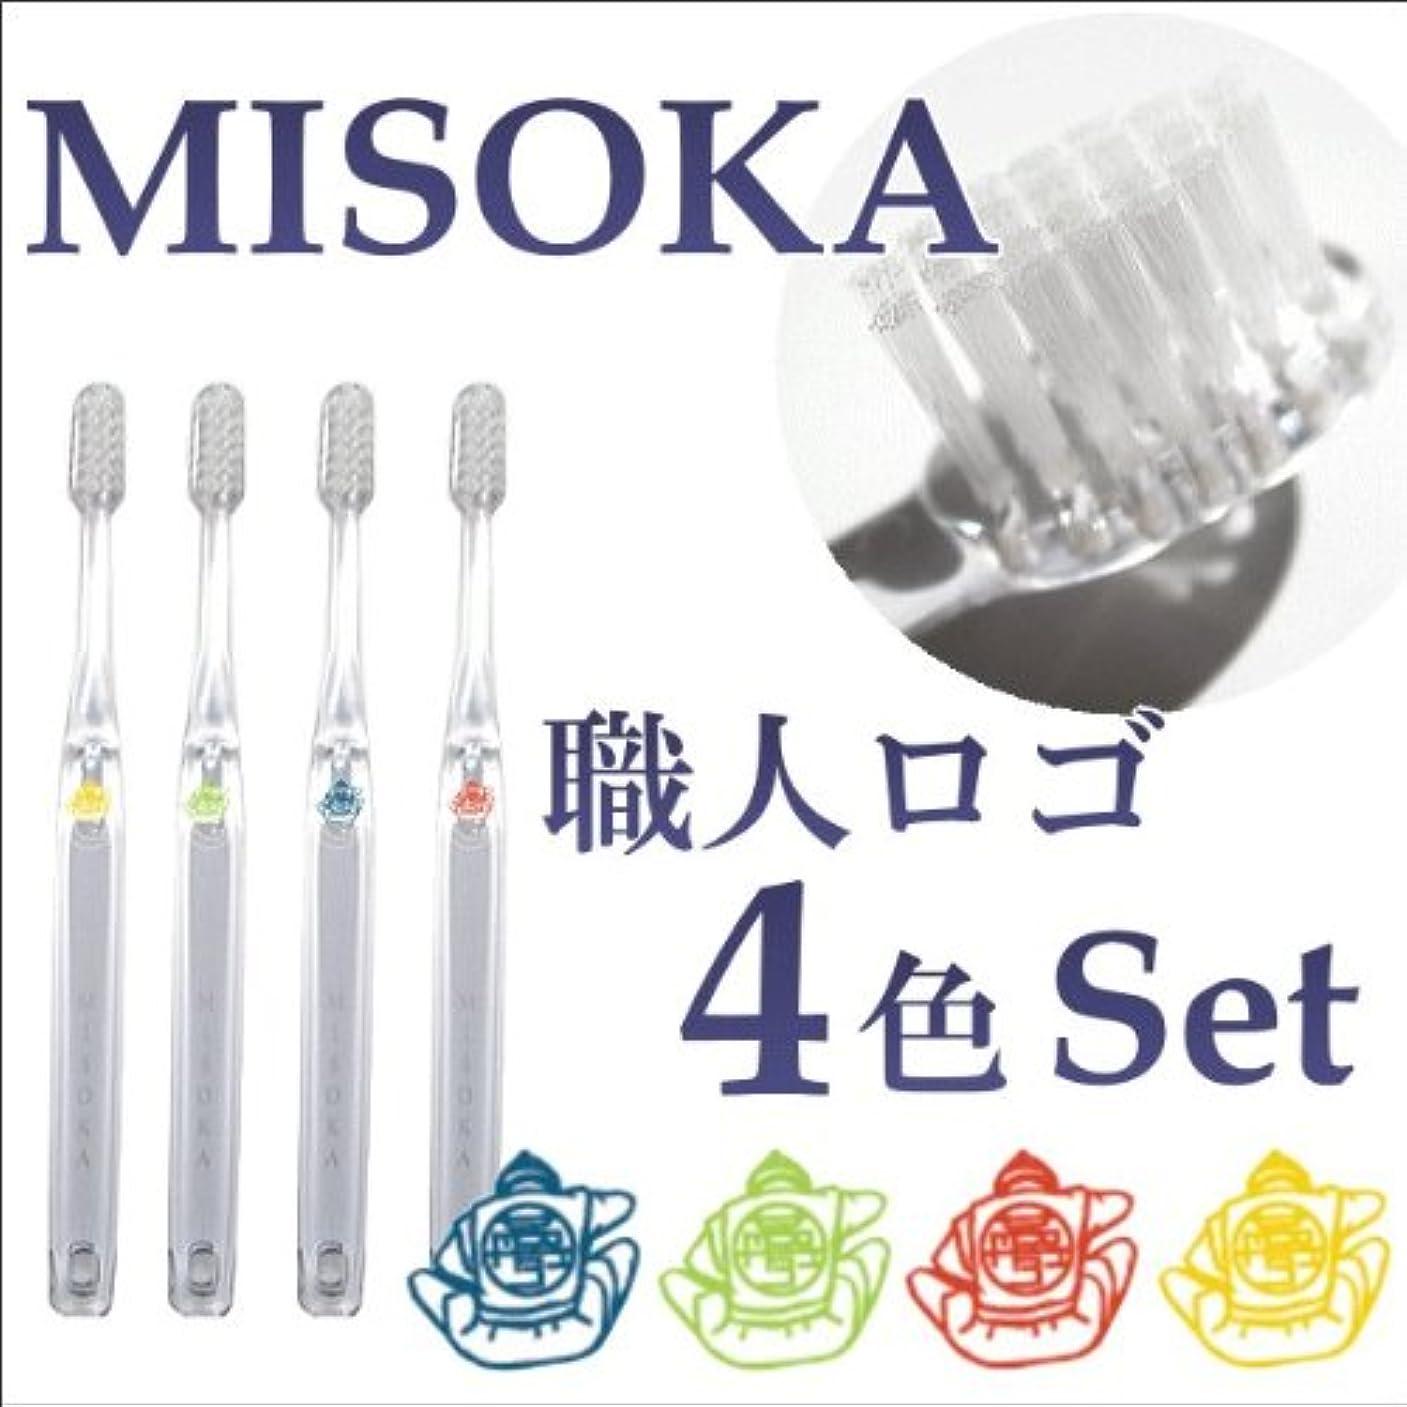 拍車育成突然「MISOKA」職人技の歯ブラシ ミソカ 職人ロゴ4色セット×2セット